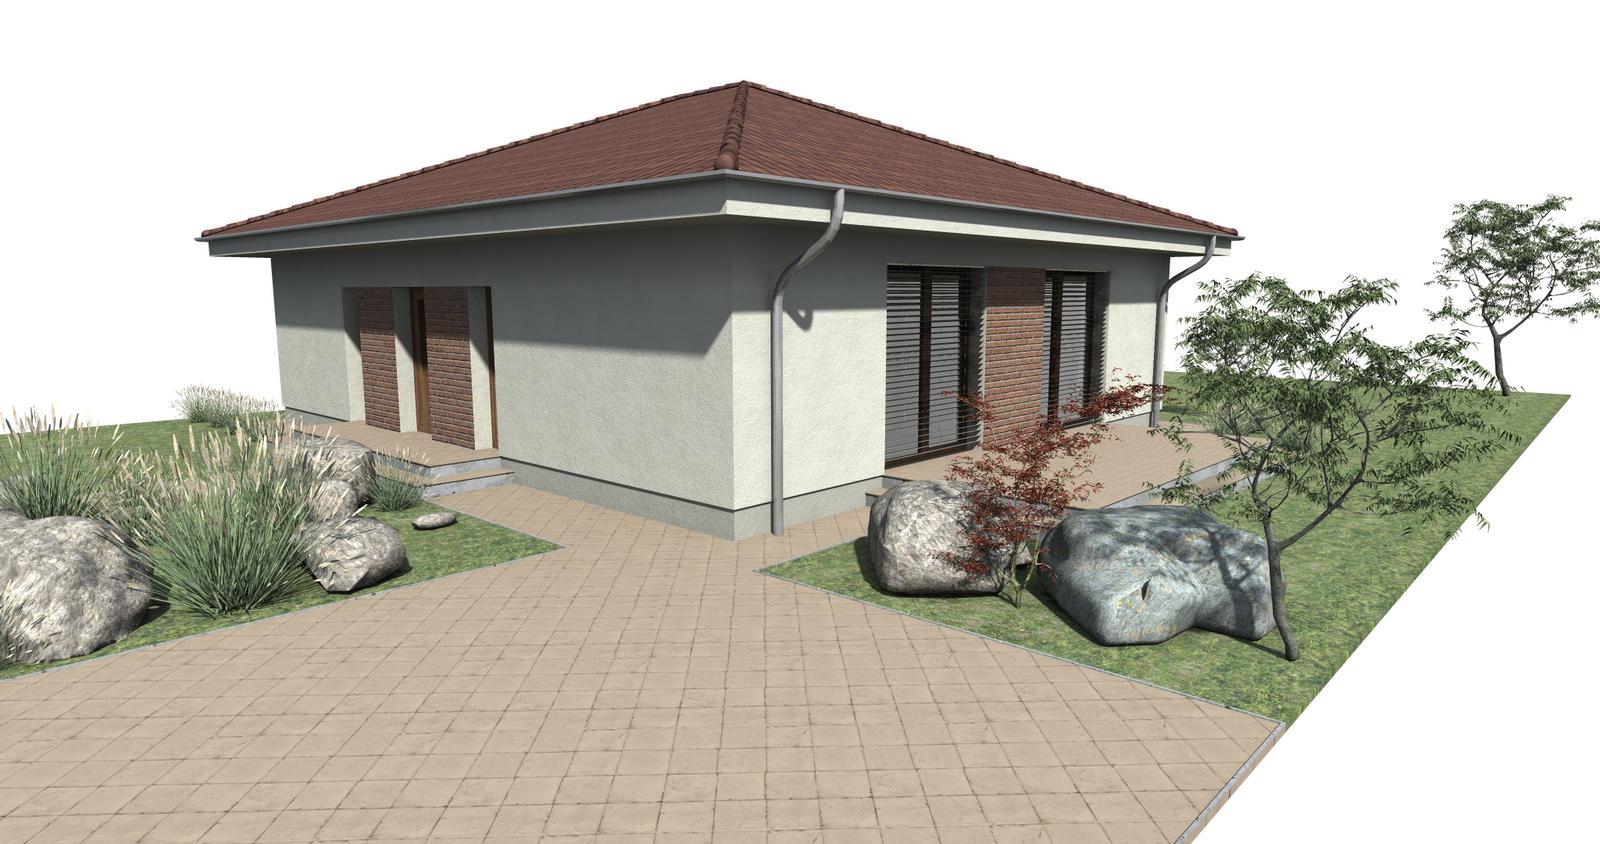 Projekt pasívneho domu - PassiON Mini - Obrázok č. 4